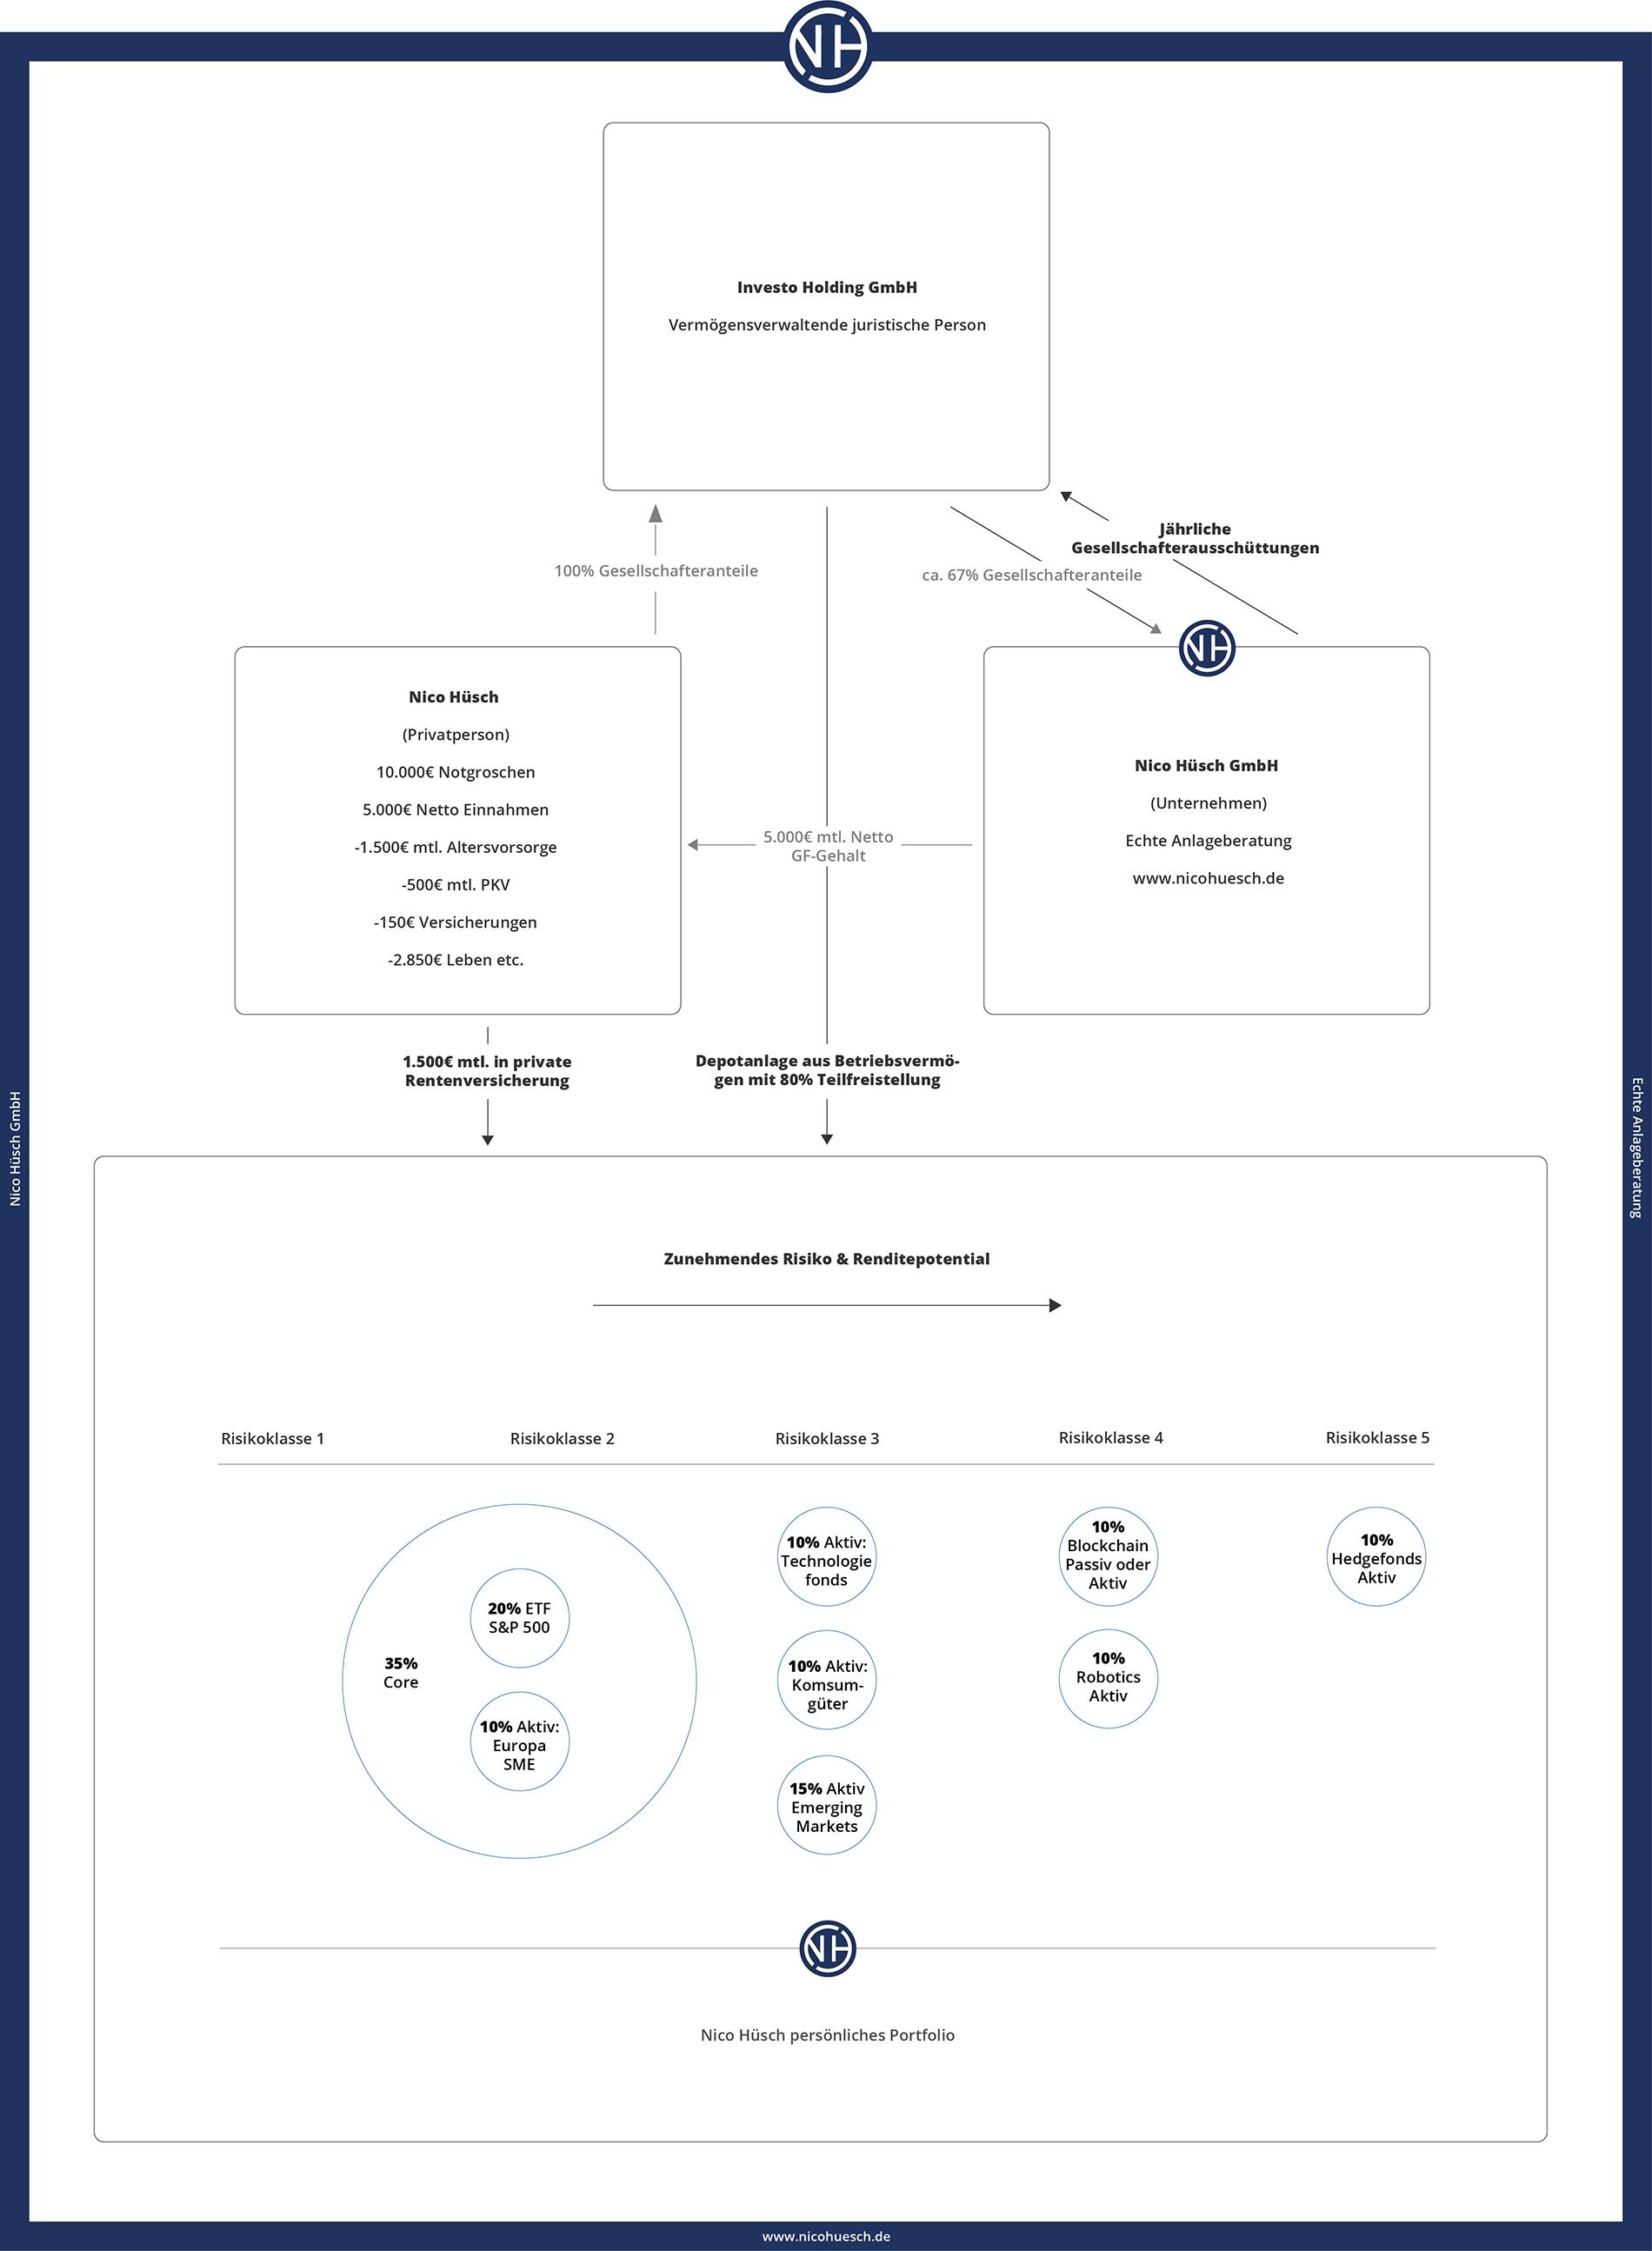 Geldanlage Konzept Nico Hüsch GmbH mit Holding